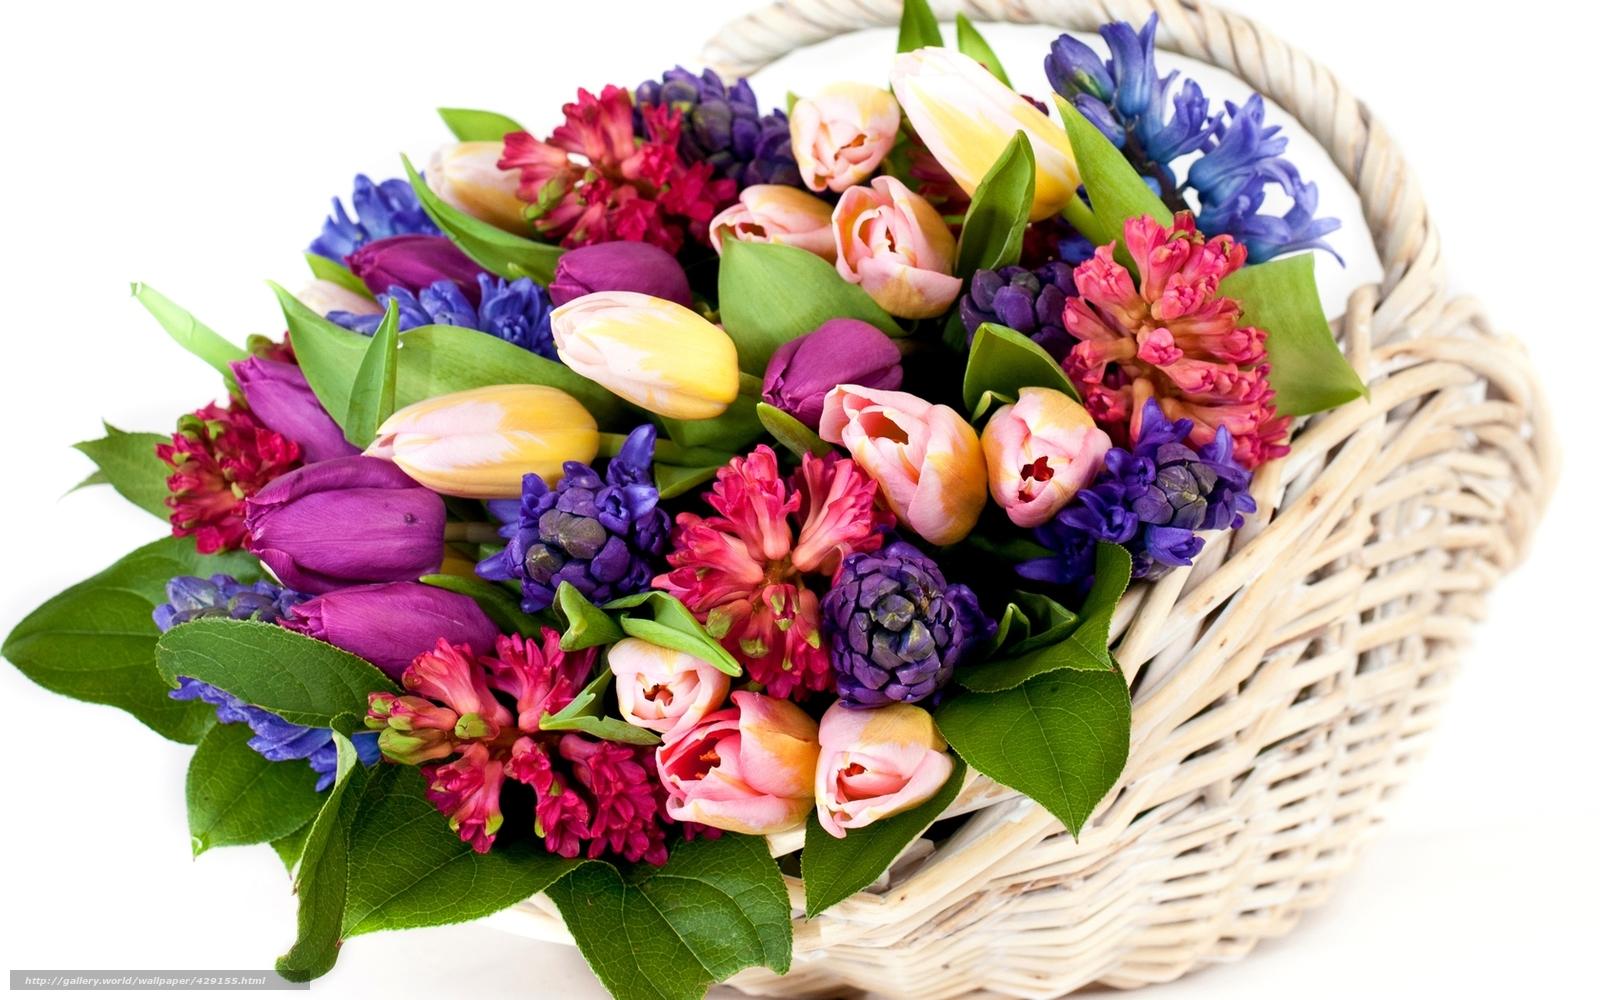 scaricare gli sfondi Tulipani, fiori, cestino, mazzo di fiori Sfondi ...: it.gde-fon.com/download/Tulipani_fiori_cestino_mazzo-di/429155...